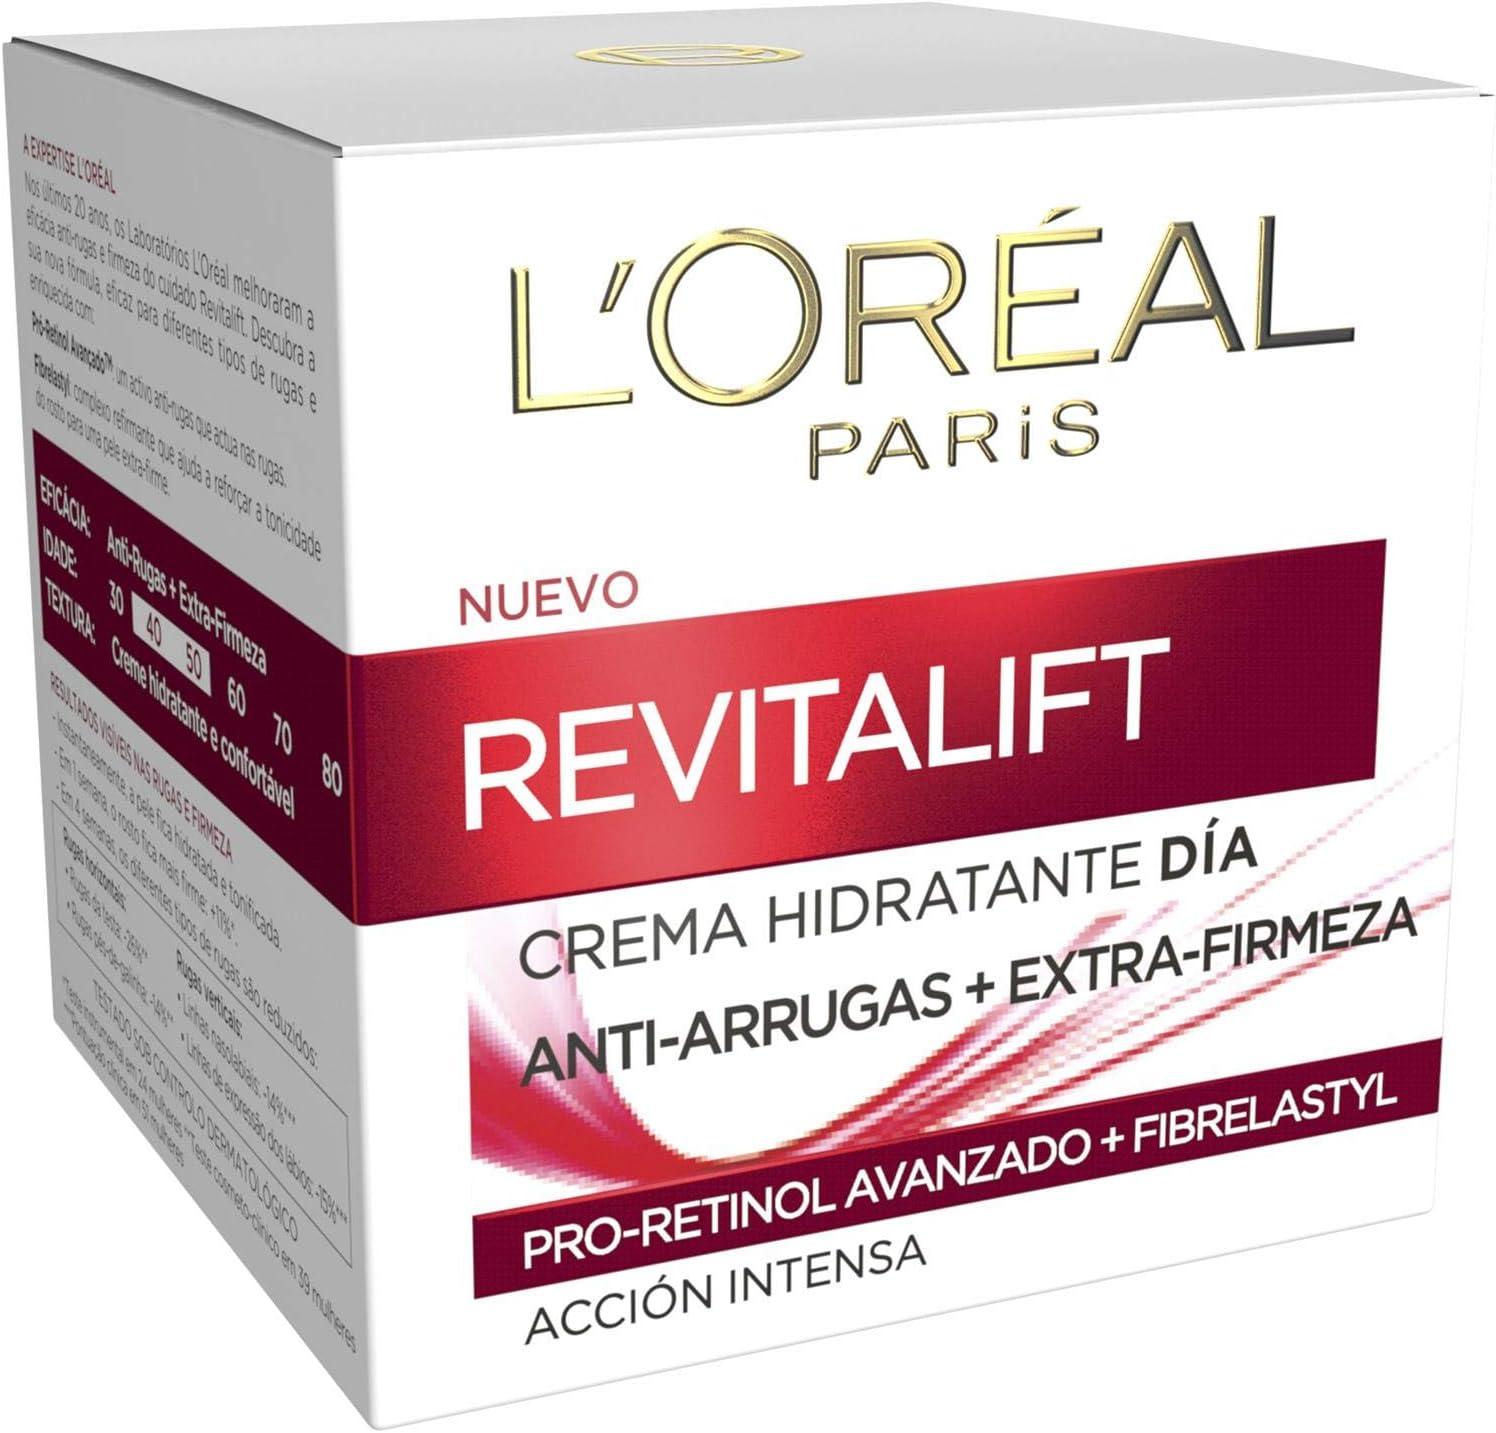 Crema de día L'Oreal Paris Revitalift por sólo 4,95€